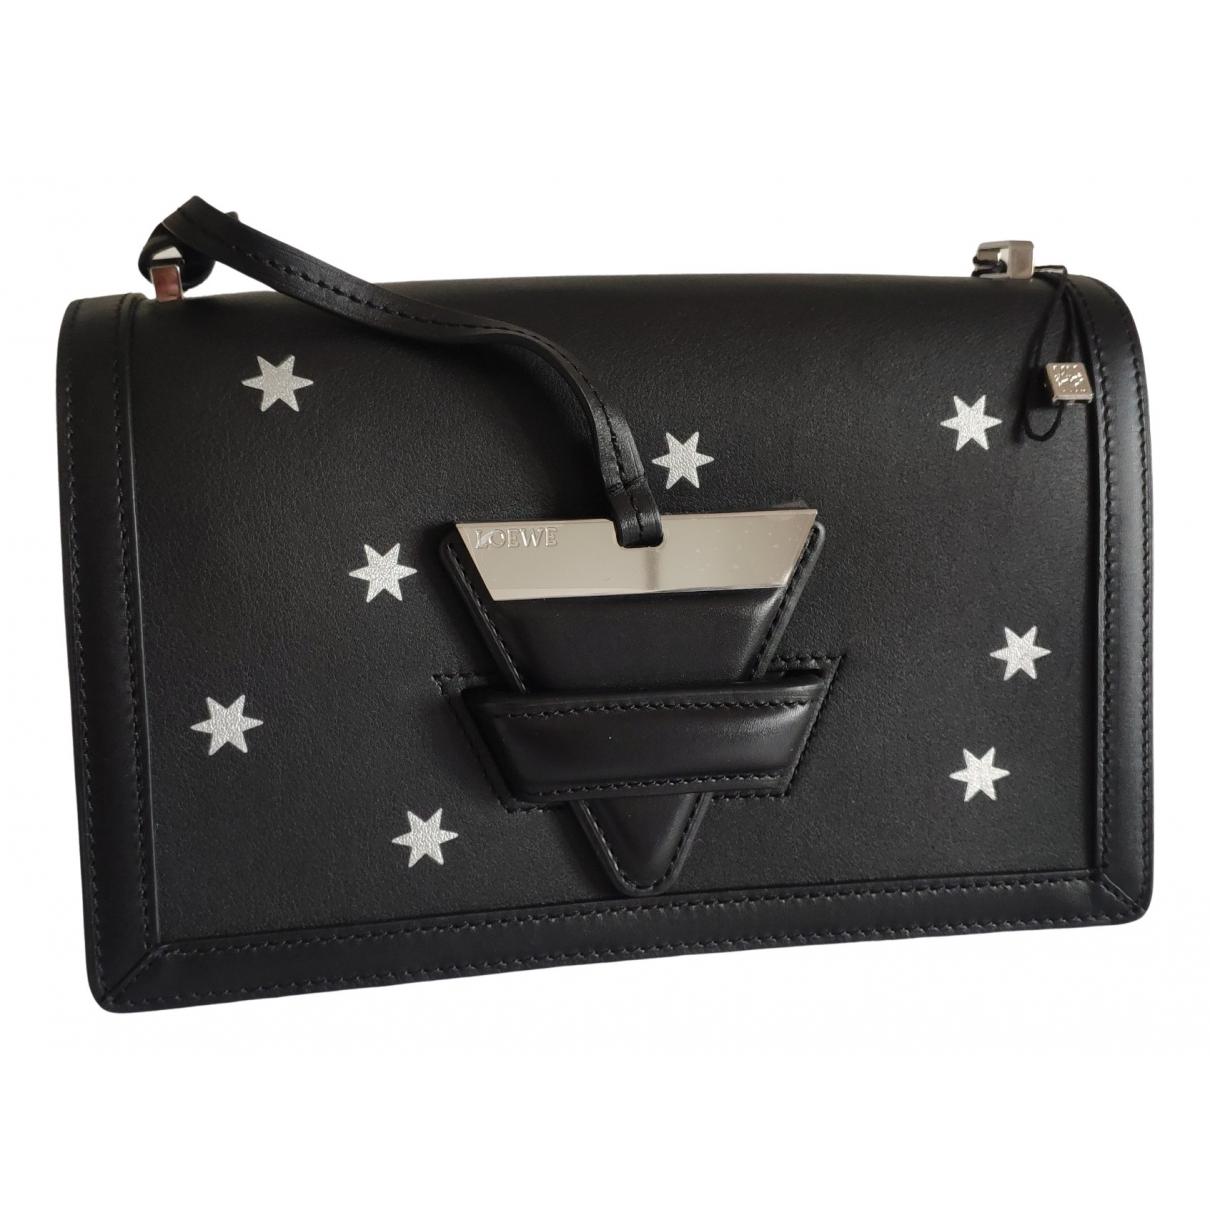 Loewe Barcelona Handtasche in  Schwarz Leder